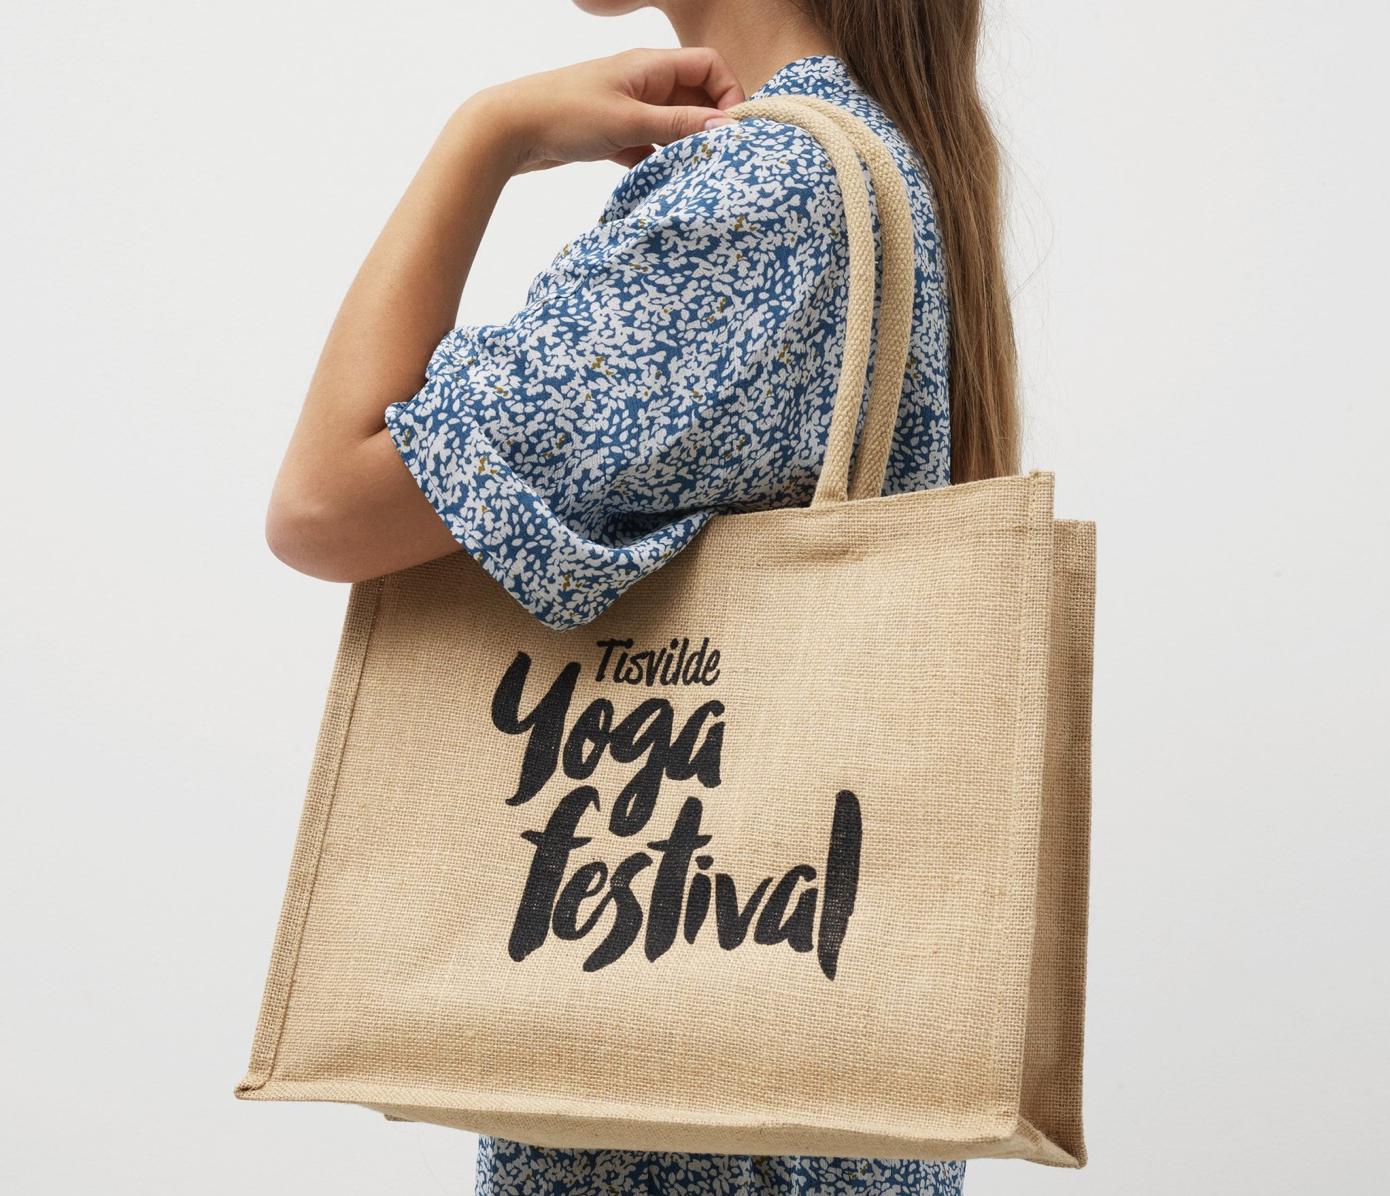 Tisvilde Yogafestival den 15. og 16. august 2020